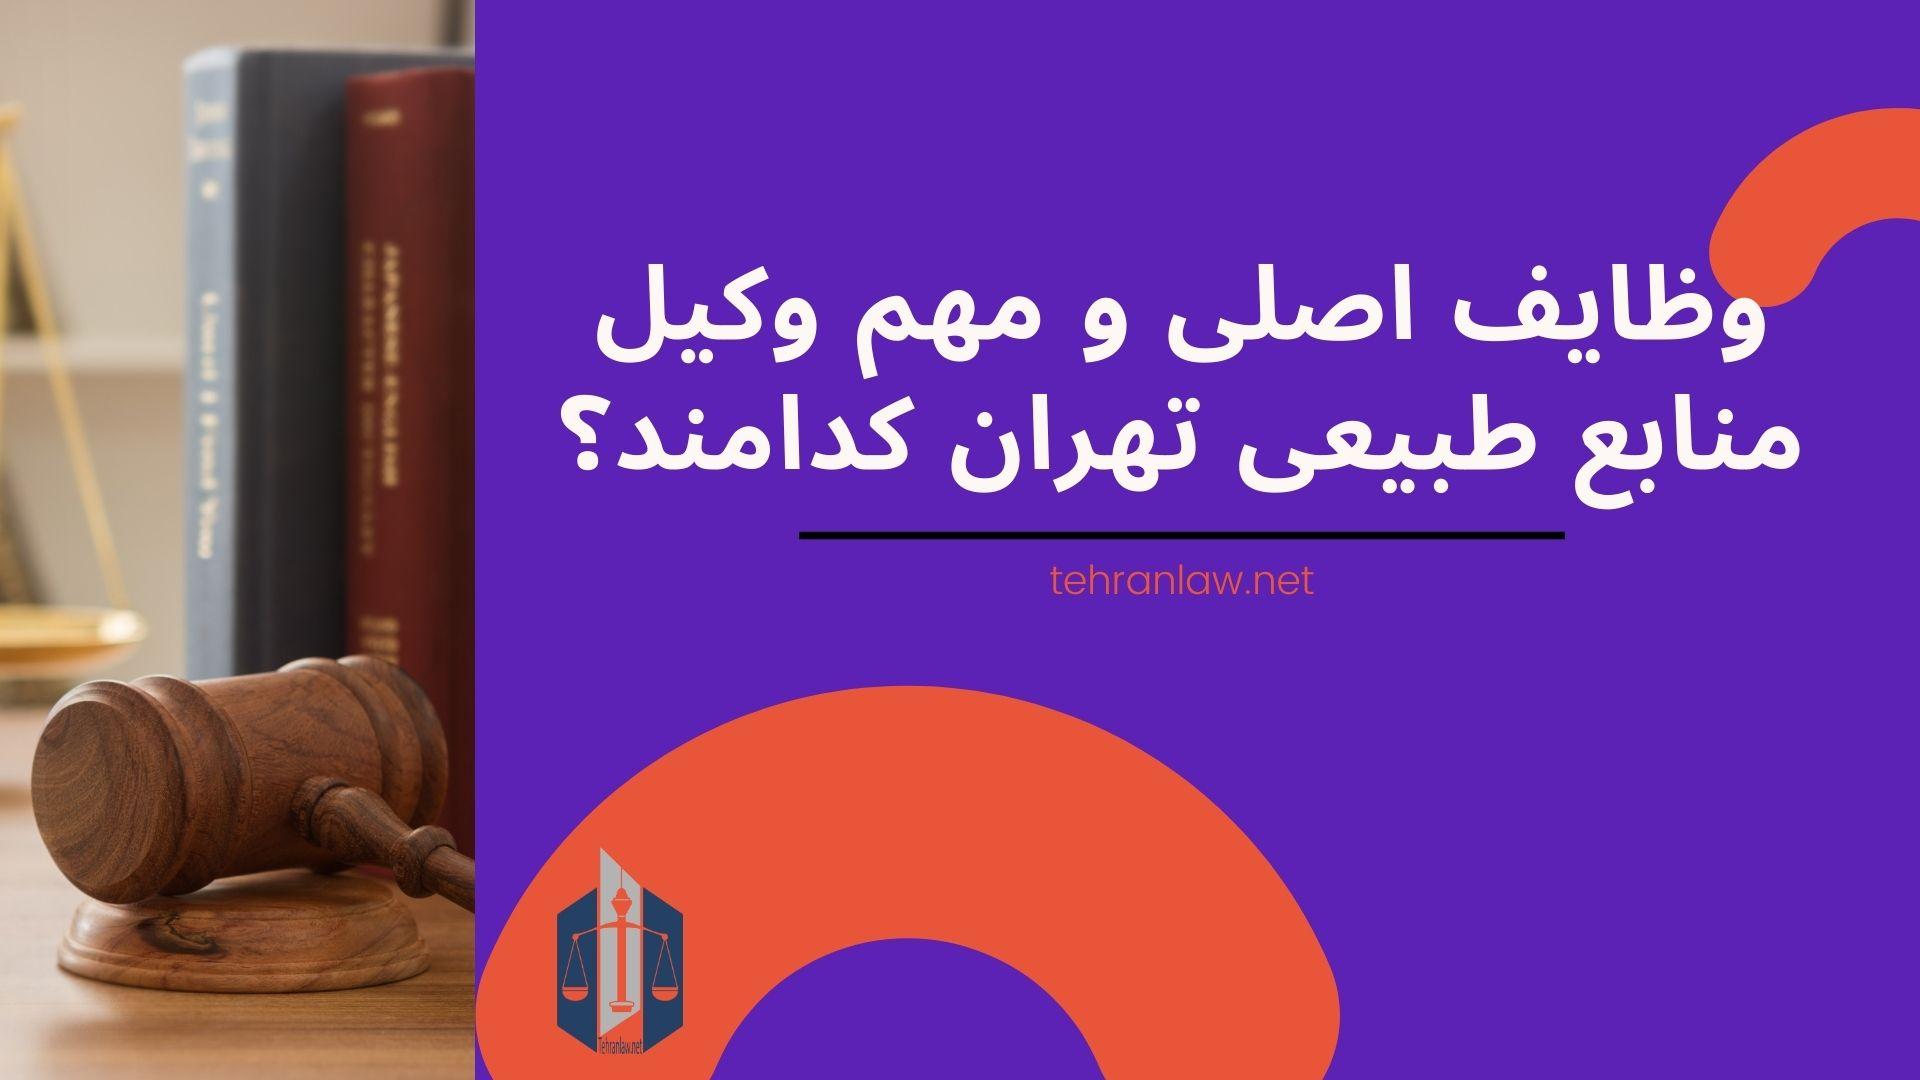 وظایف اصلی و مهم وکیل منابع طبیعی تهران کدامند؟